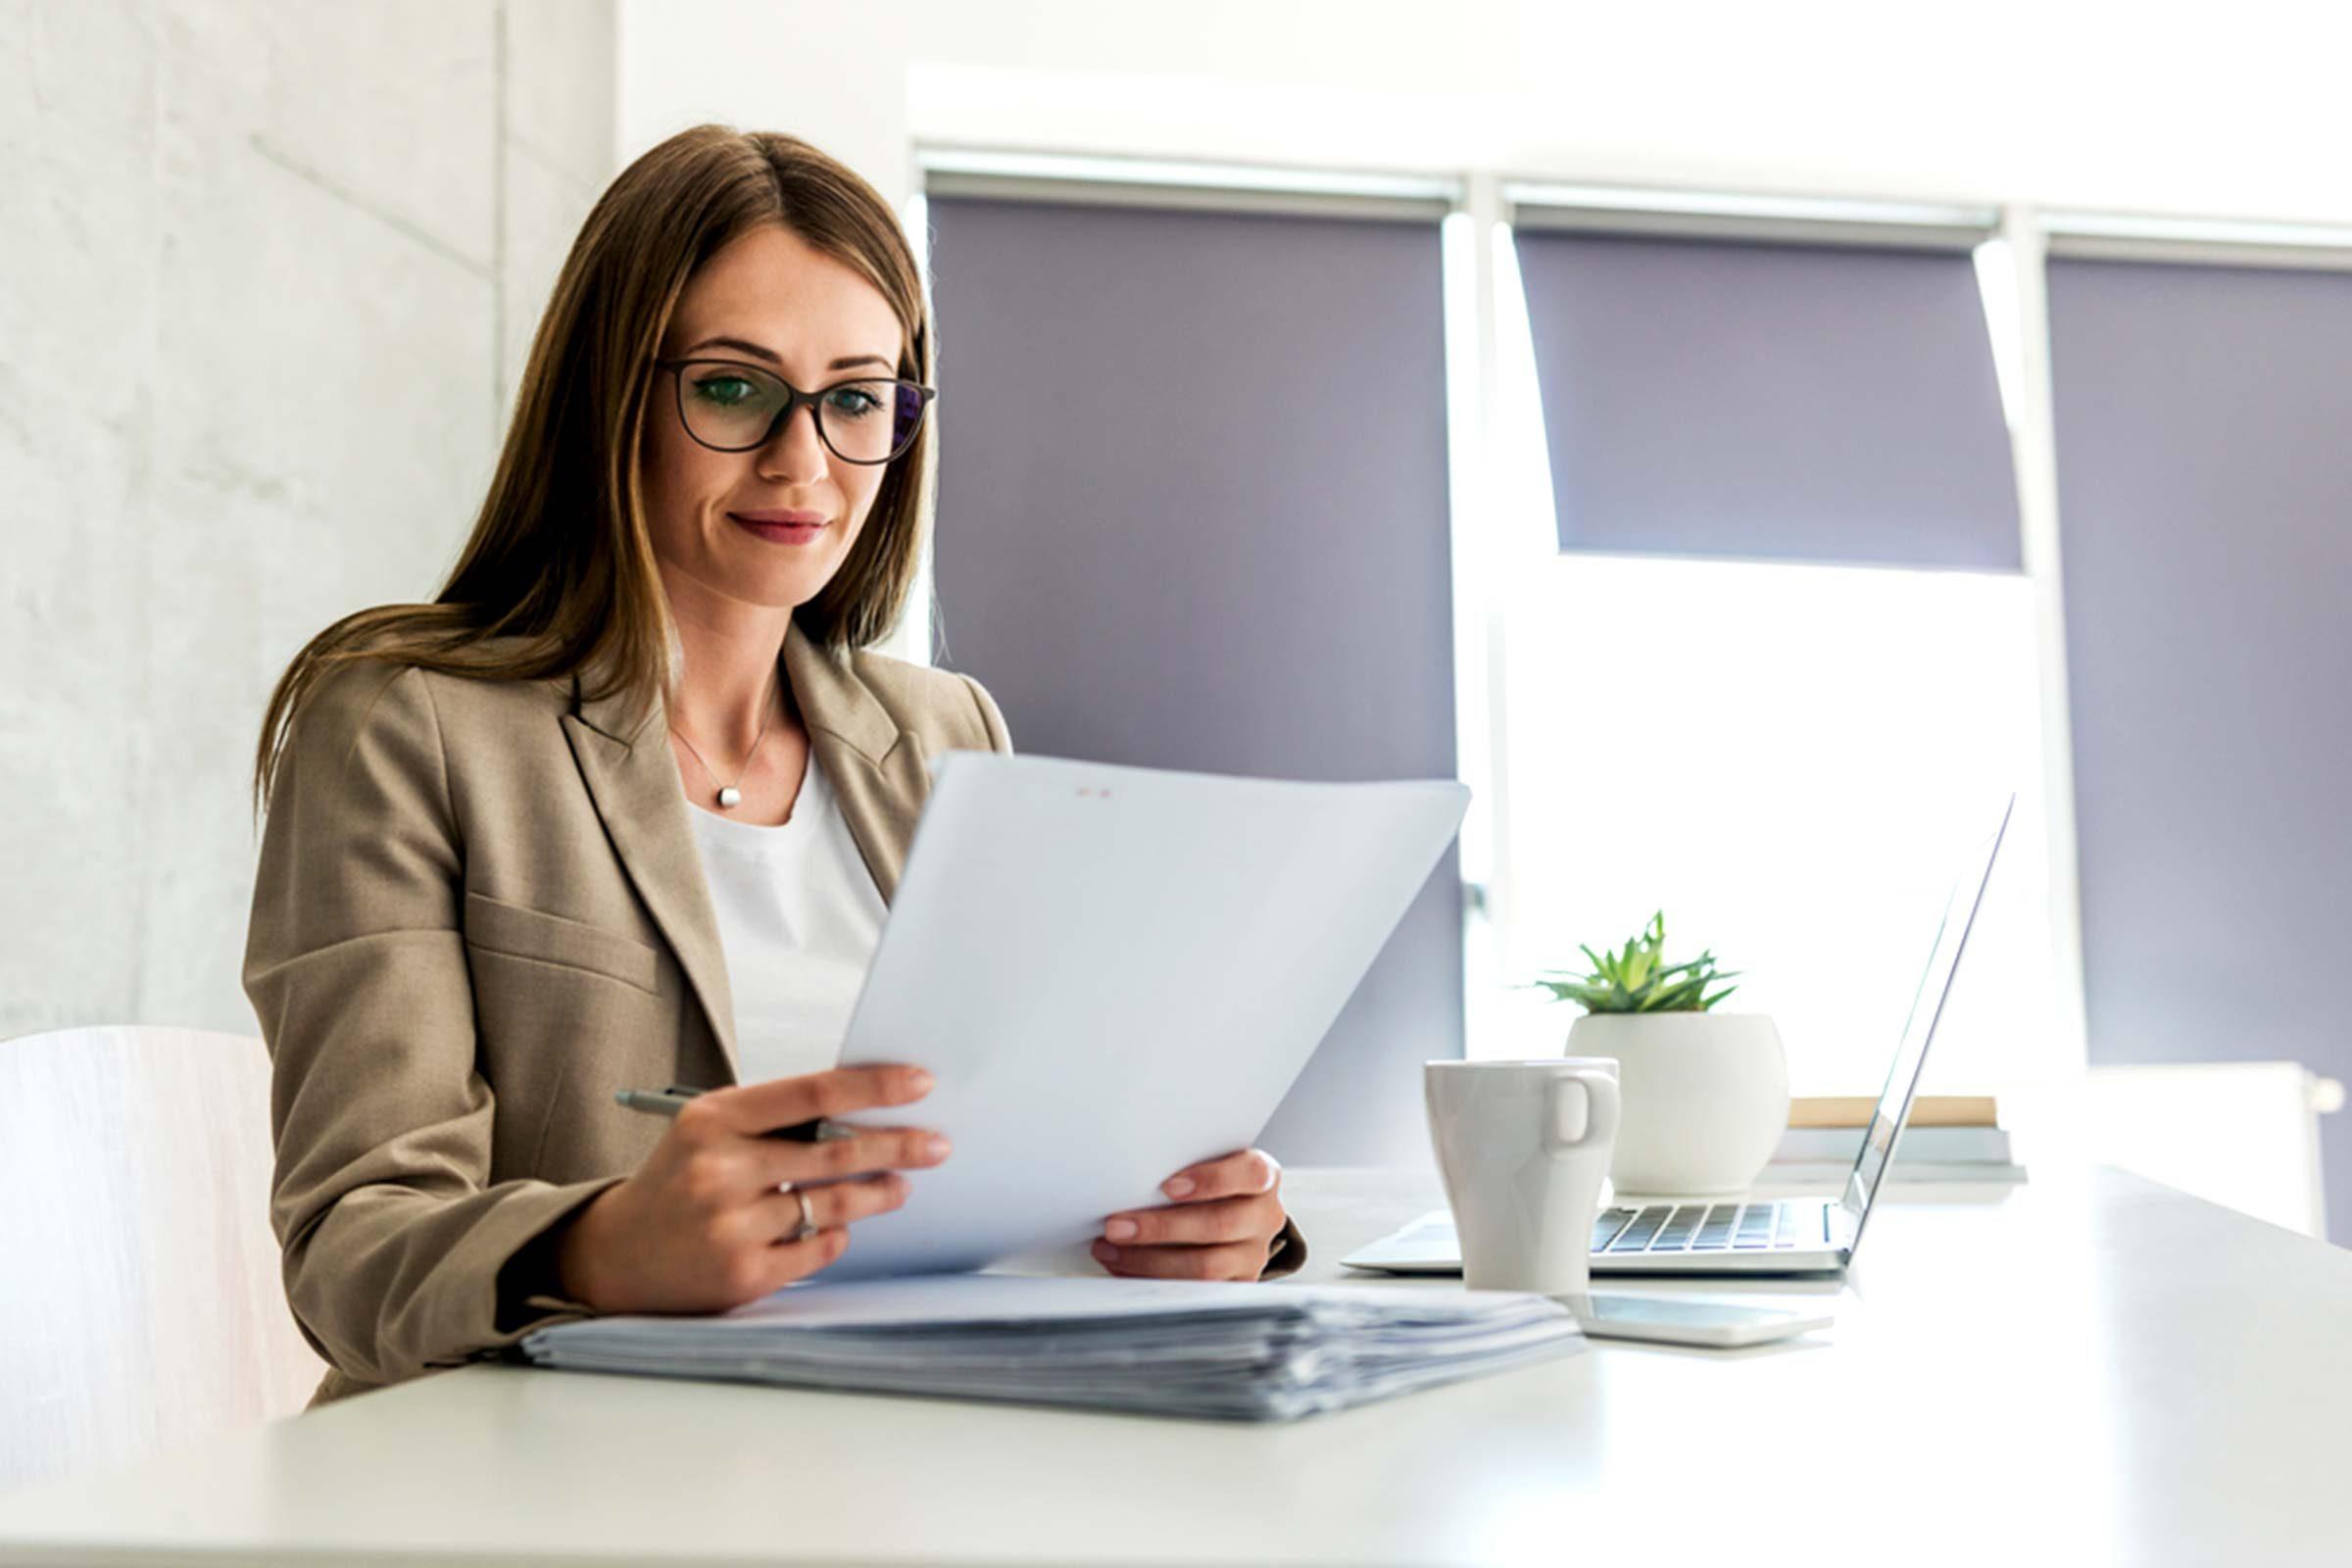 Retour au travail après un congé de maternité: concentrez-vous au travail